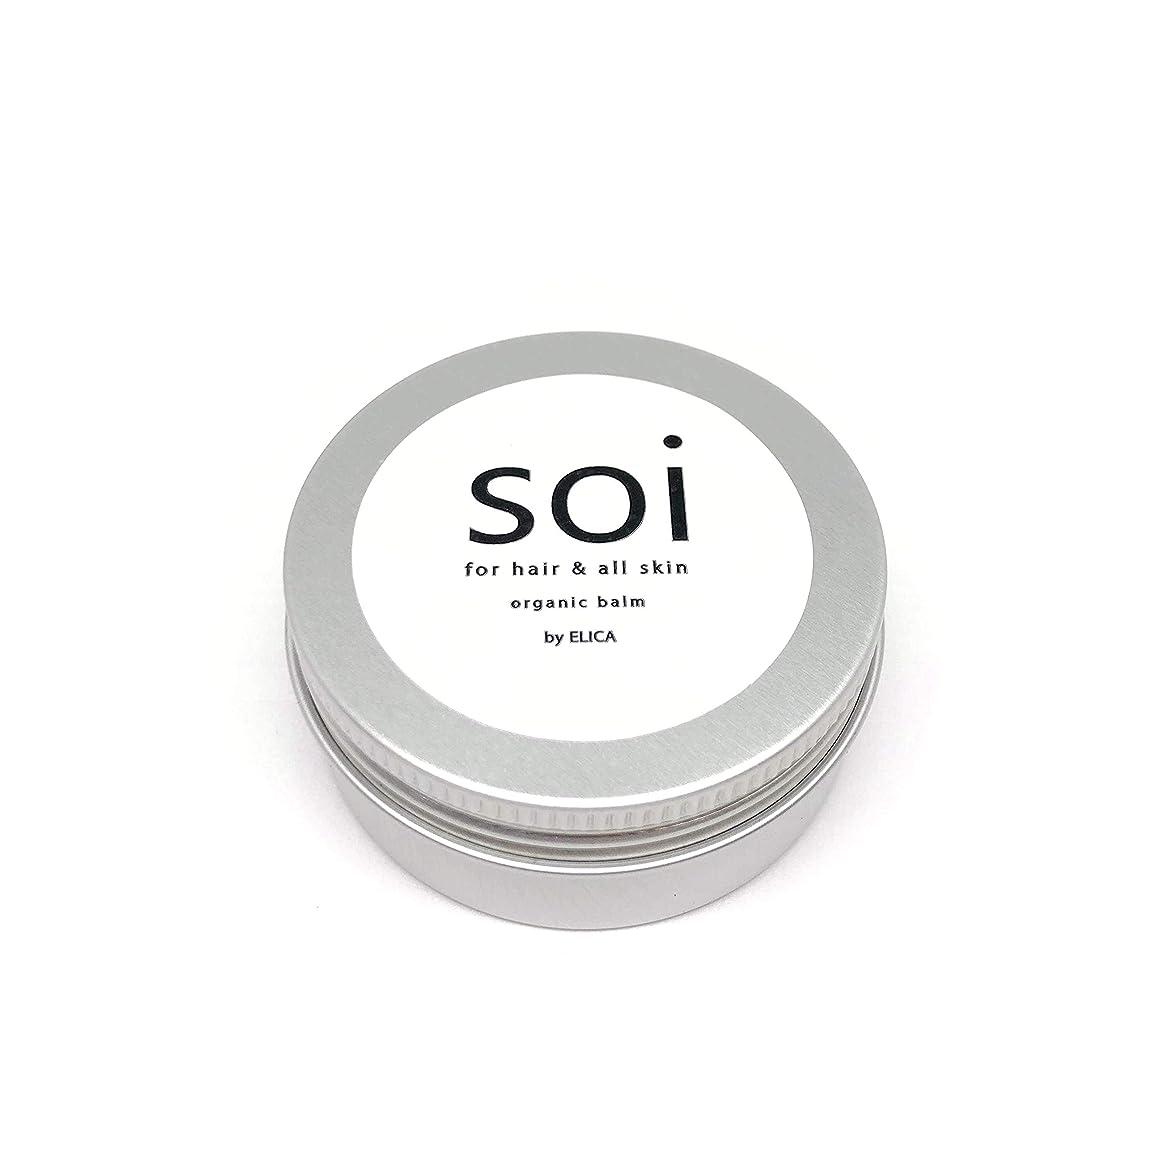 四半期人間横にsoibalm/ソイバーム オーガニックワックス 【濡れ感×自然な束感】濡れ髪風仕上げにおすすめ